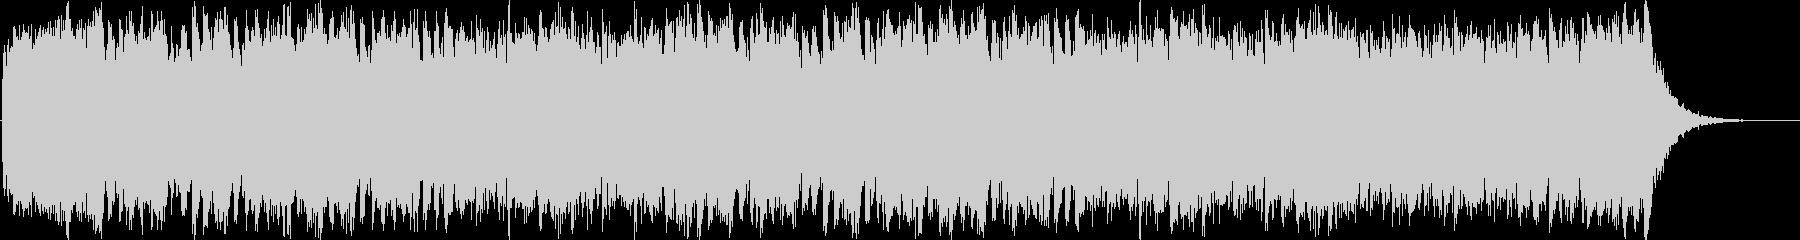 壮大で迫力あるフルオーケストラBGMの未再生の波形